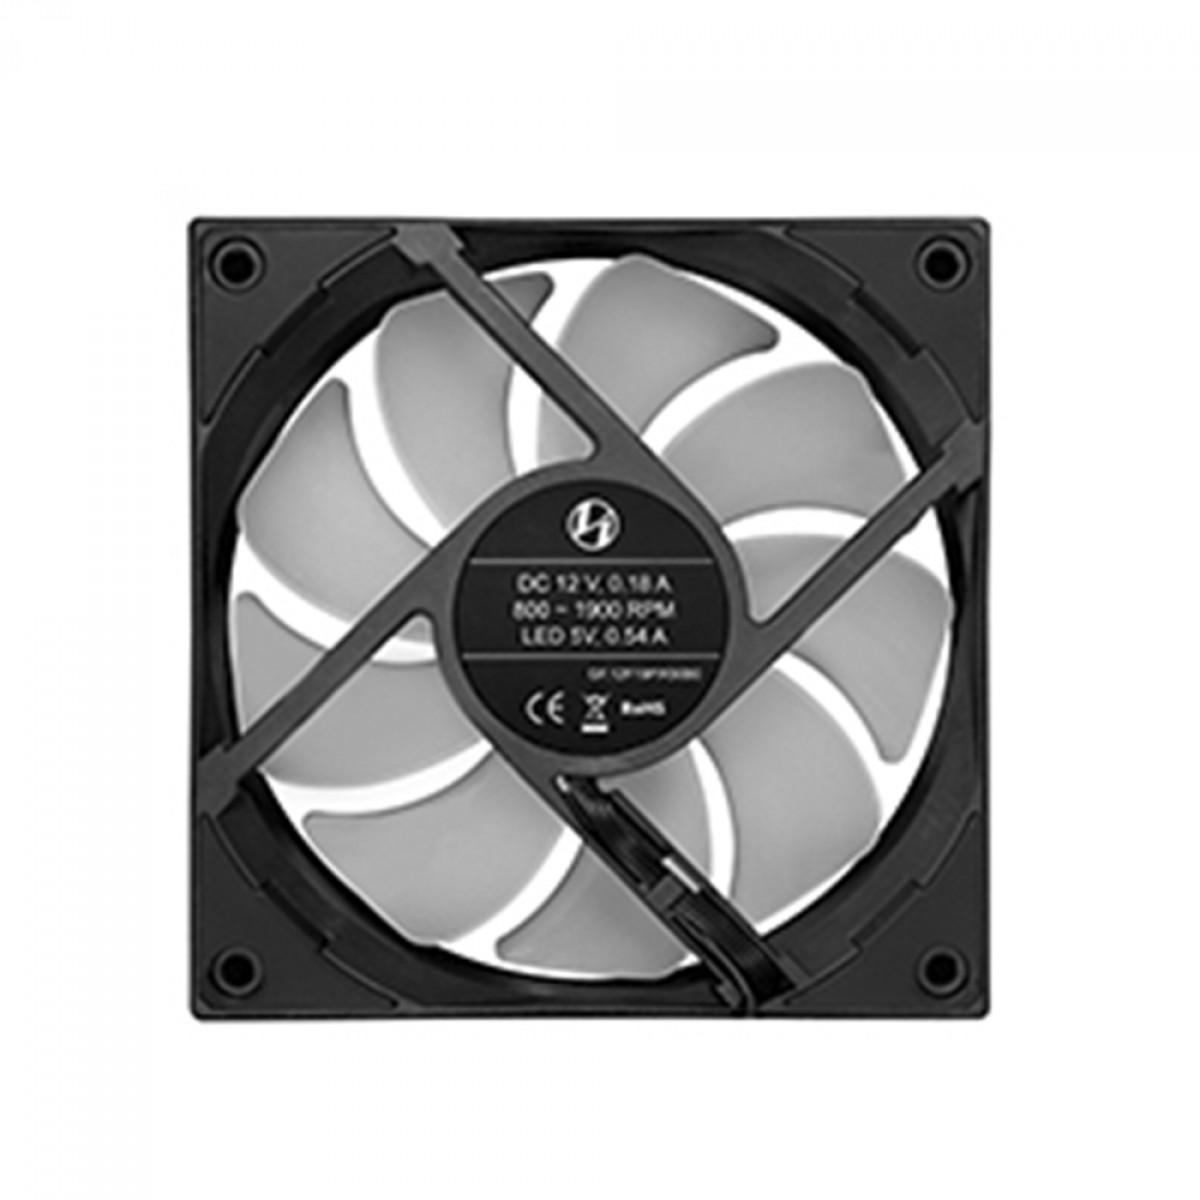 Kit Fan com 3 Unidades Lian Li ST120, ARGB, Black, 120mm, ST120-3B